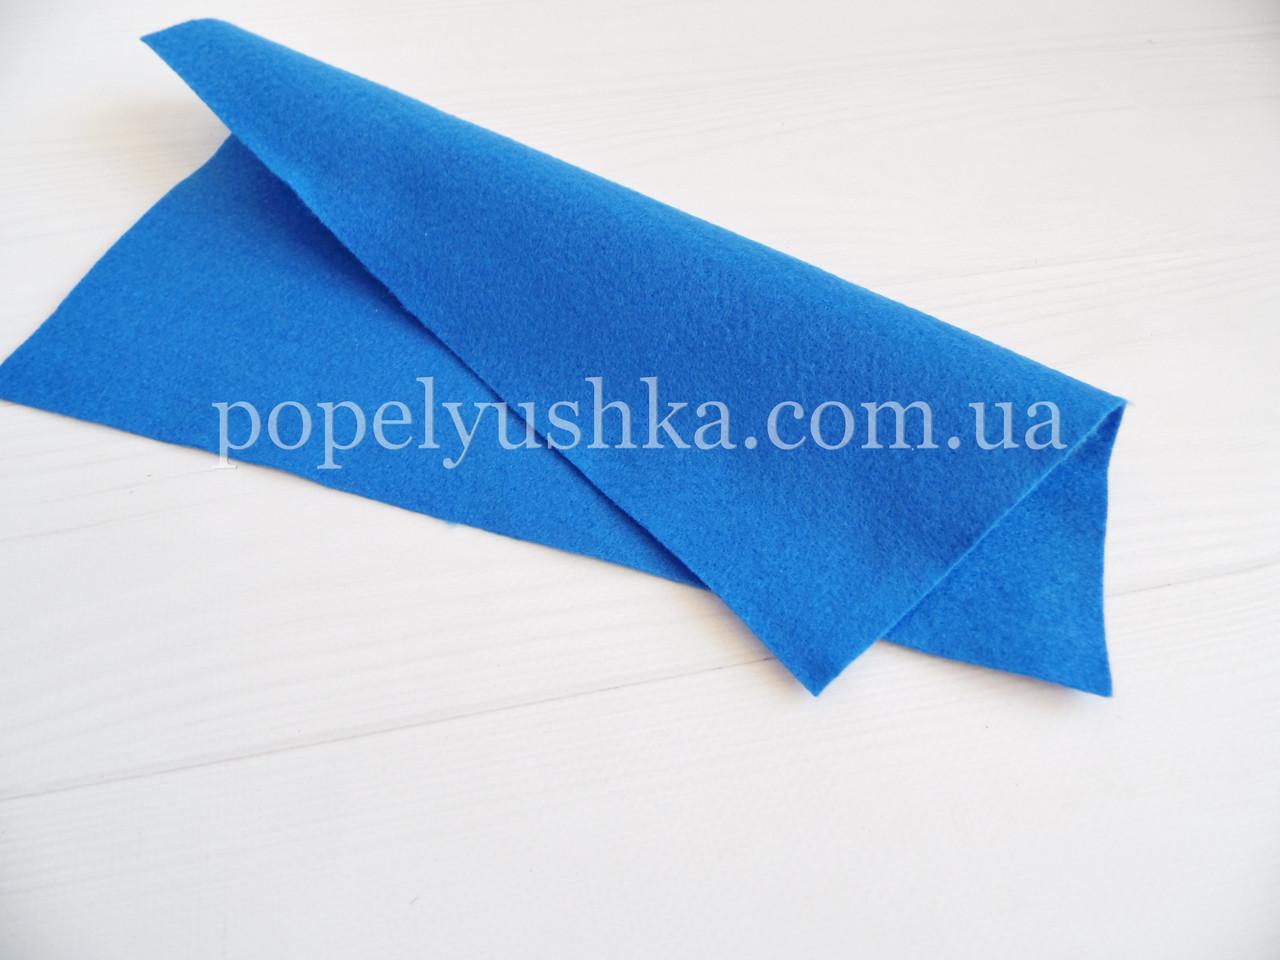 Фетр 1.3 мм китайський м'який синій 20*30 см